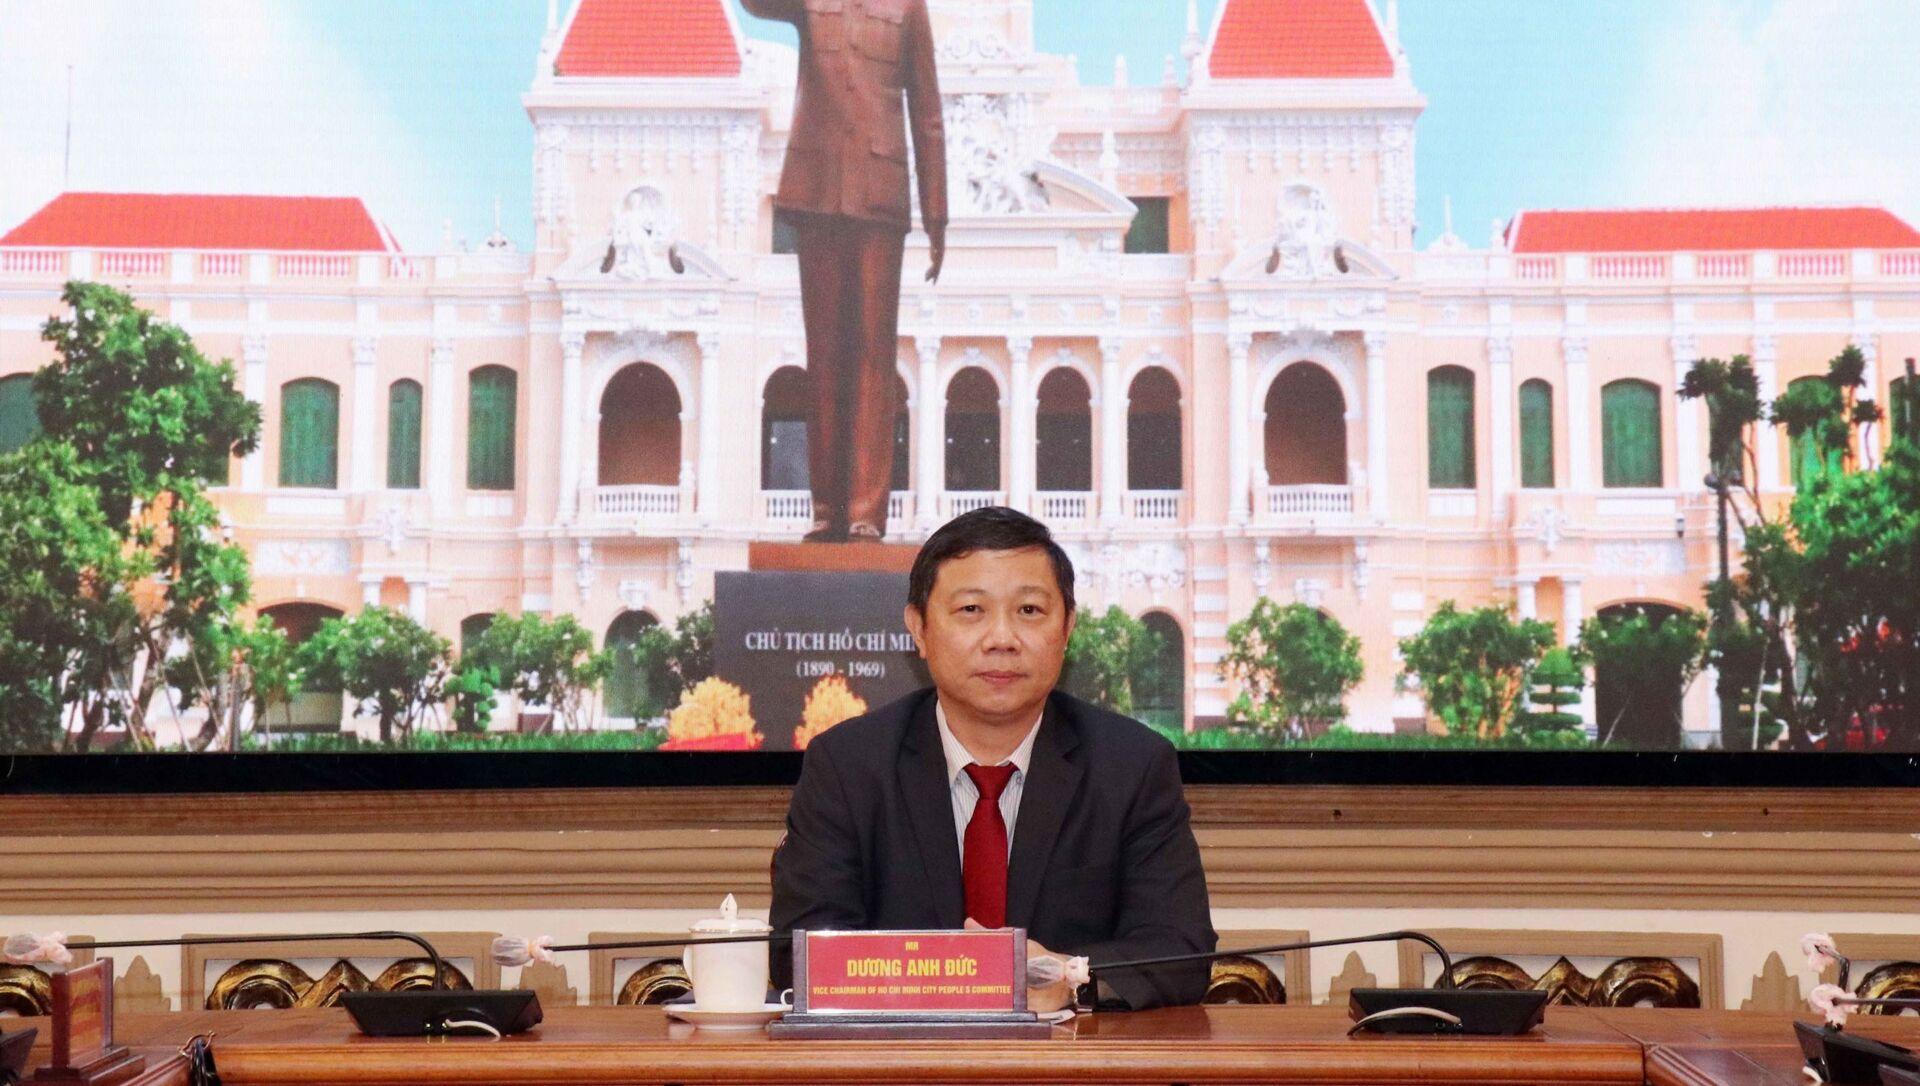 Phó Chủ tịch UBND TP.HCM Dương Anh Đức - Sputnik Việt Nam, 1920, 13.09.2021